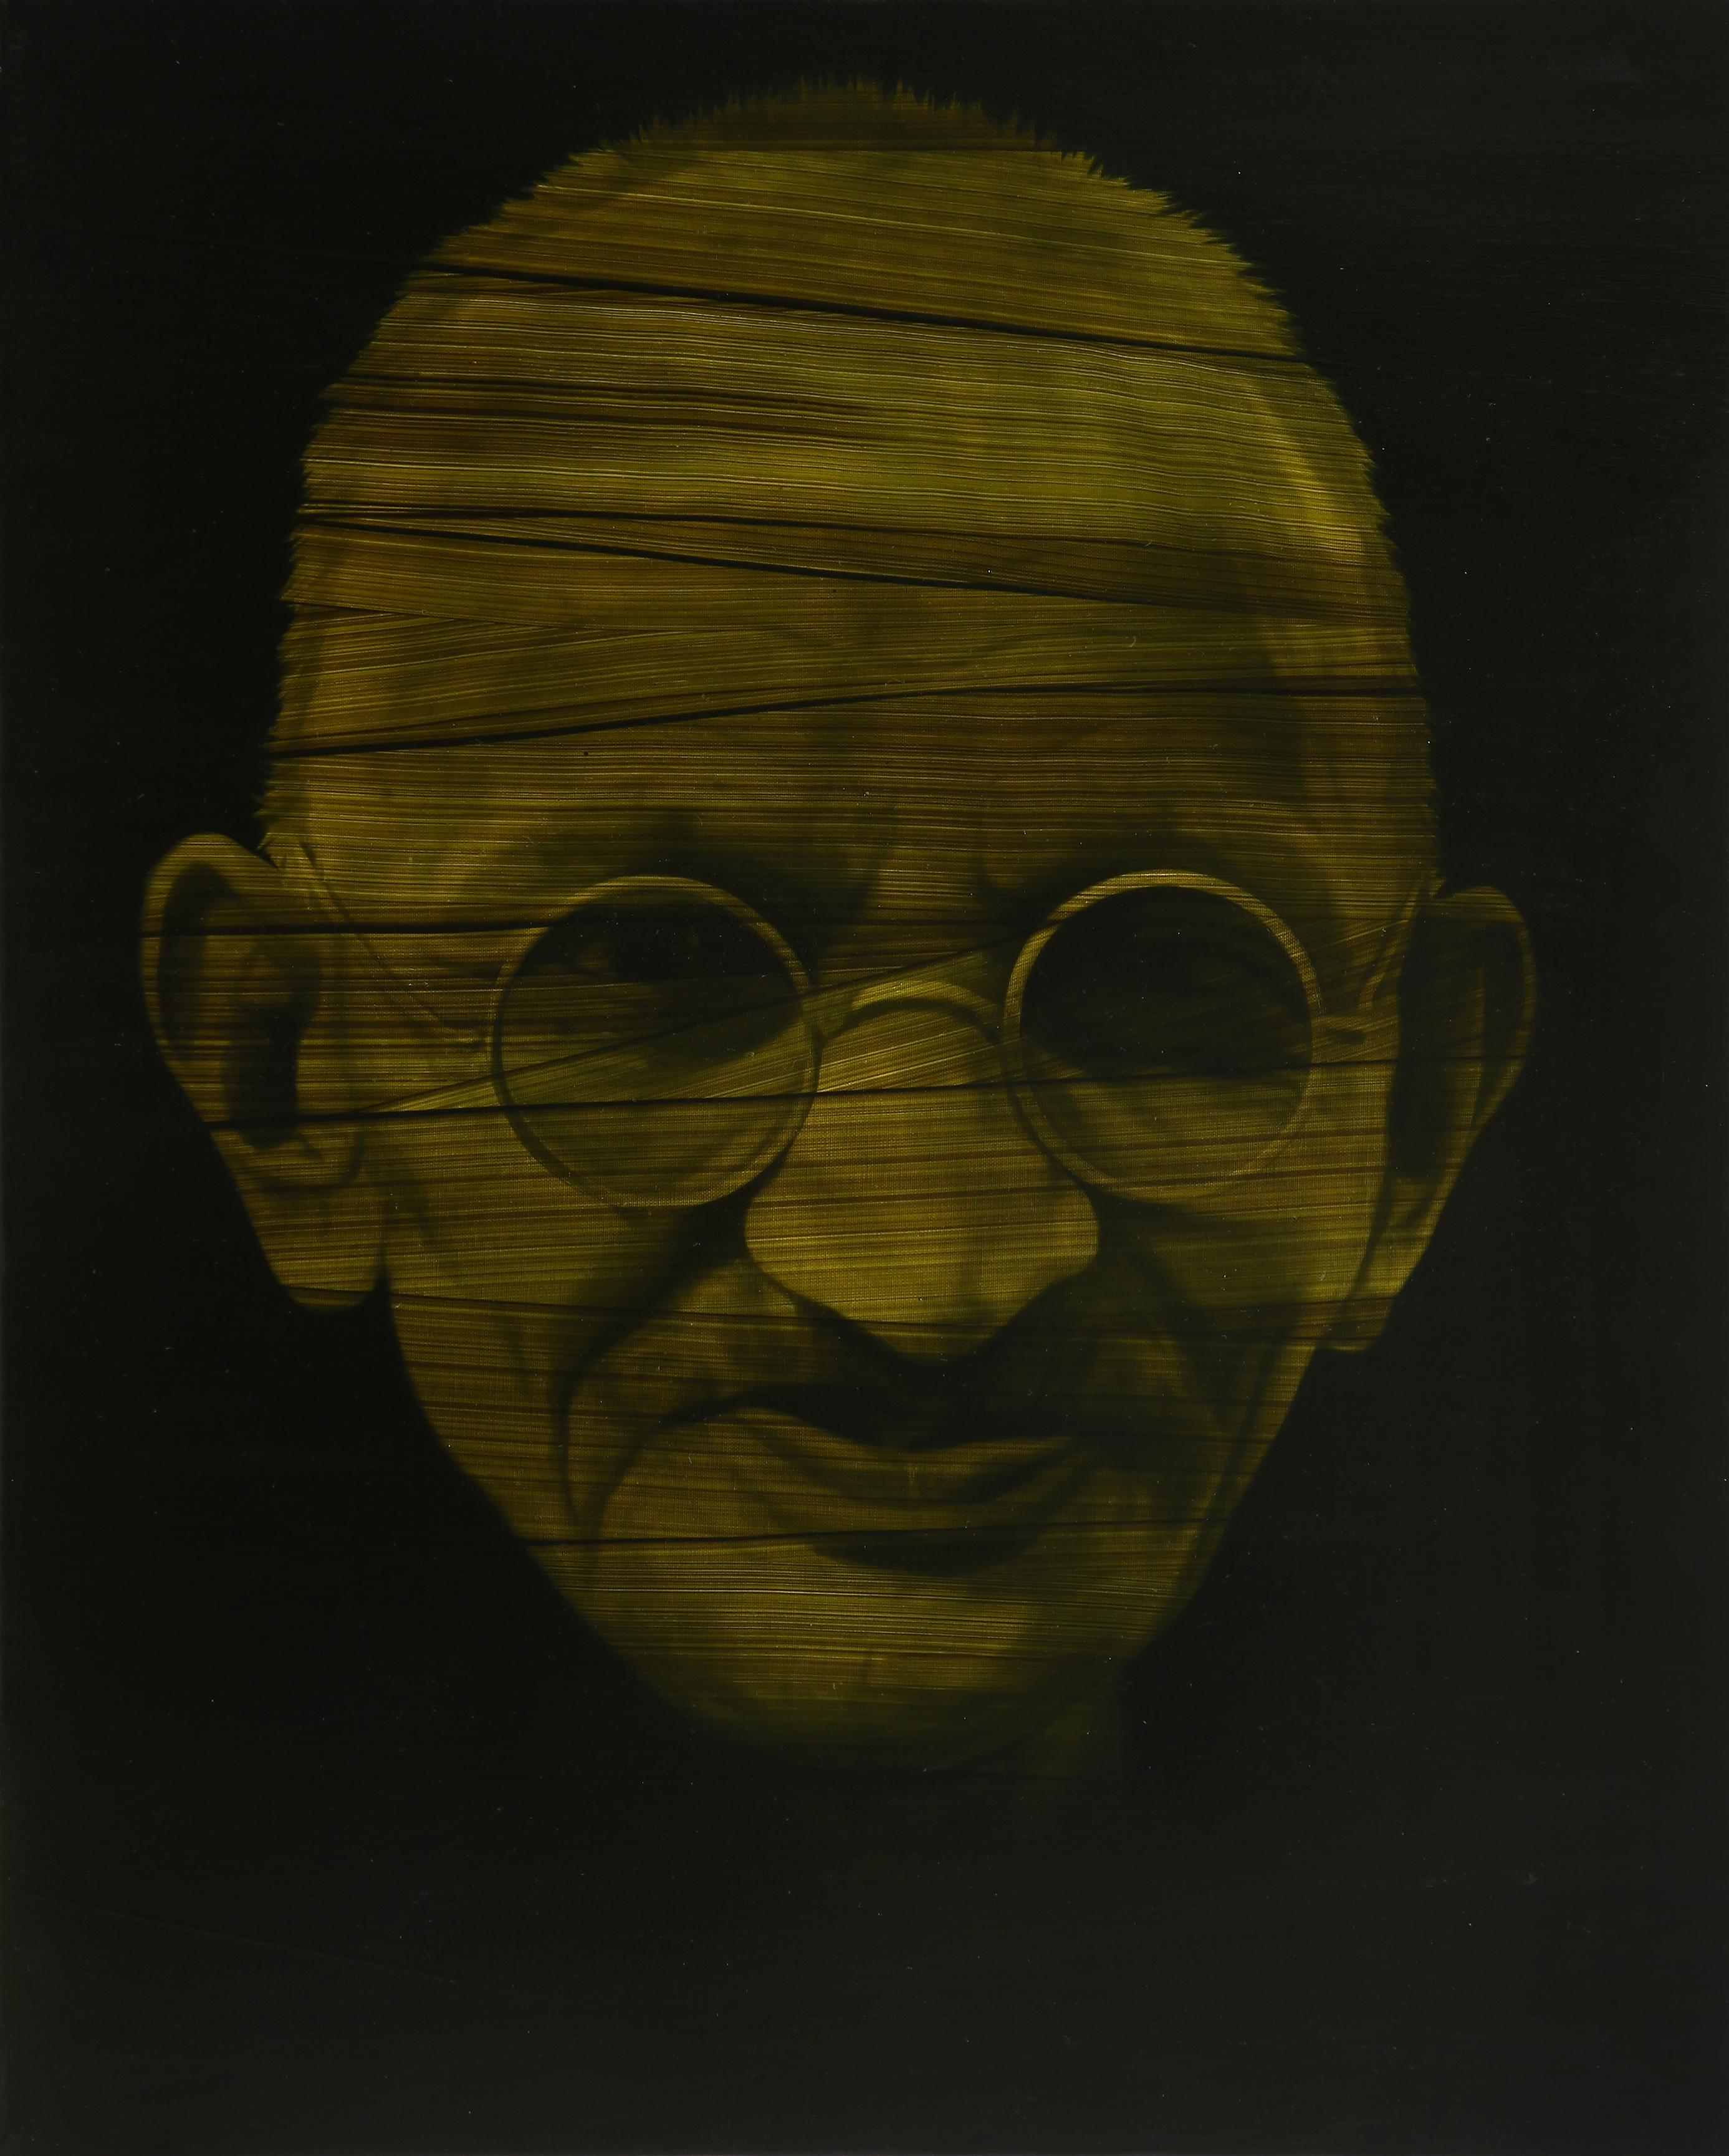 刹那無常 - Mahatma Gandhi 2